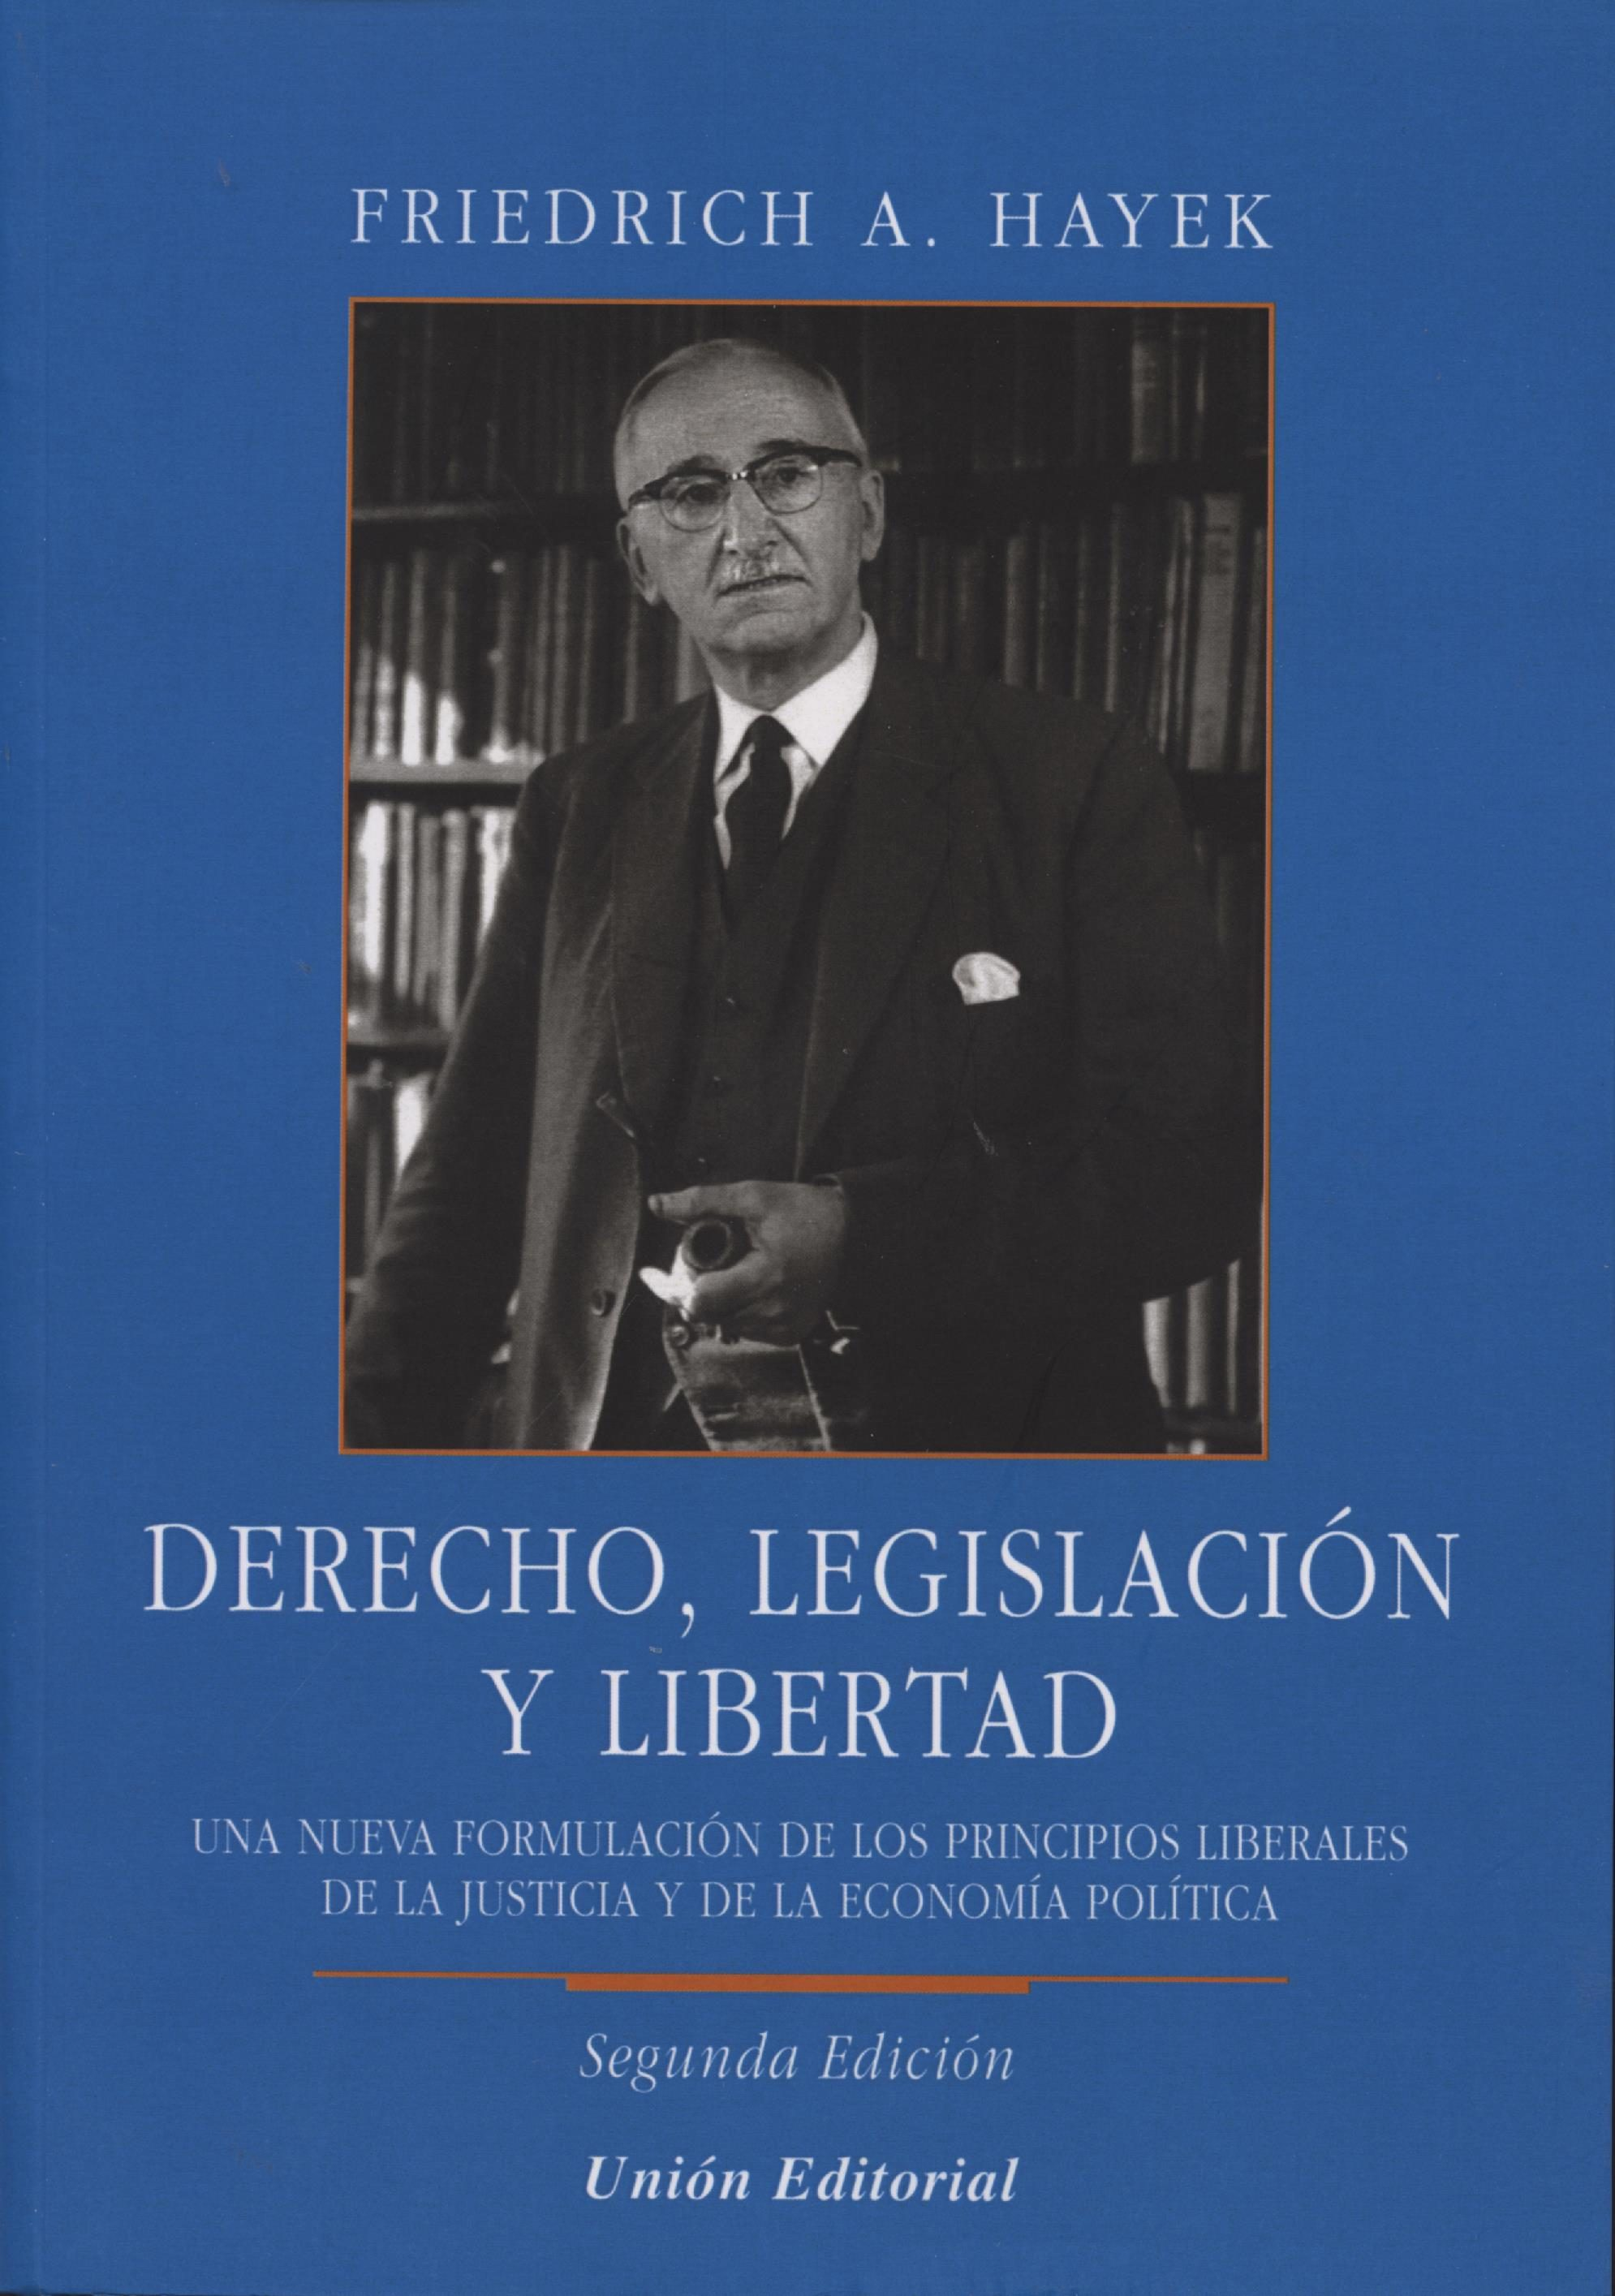 Derecho, Legislacion Y Libertad (2ª Ed.) por Friedrich A. Hayek